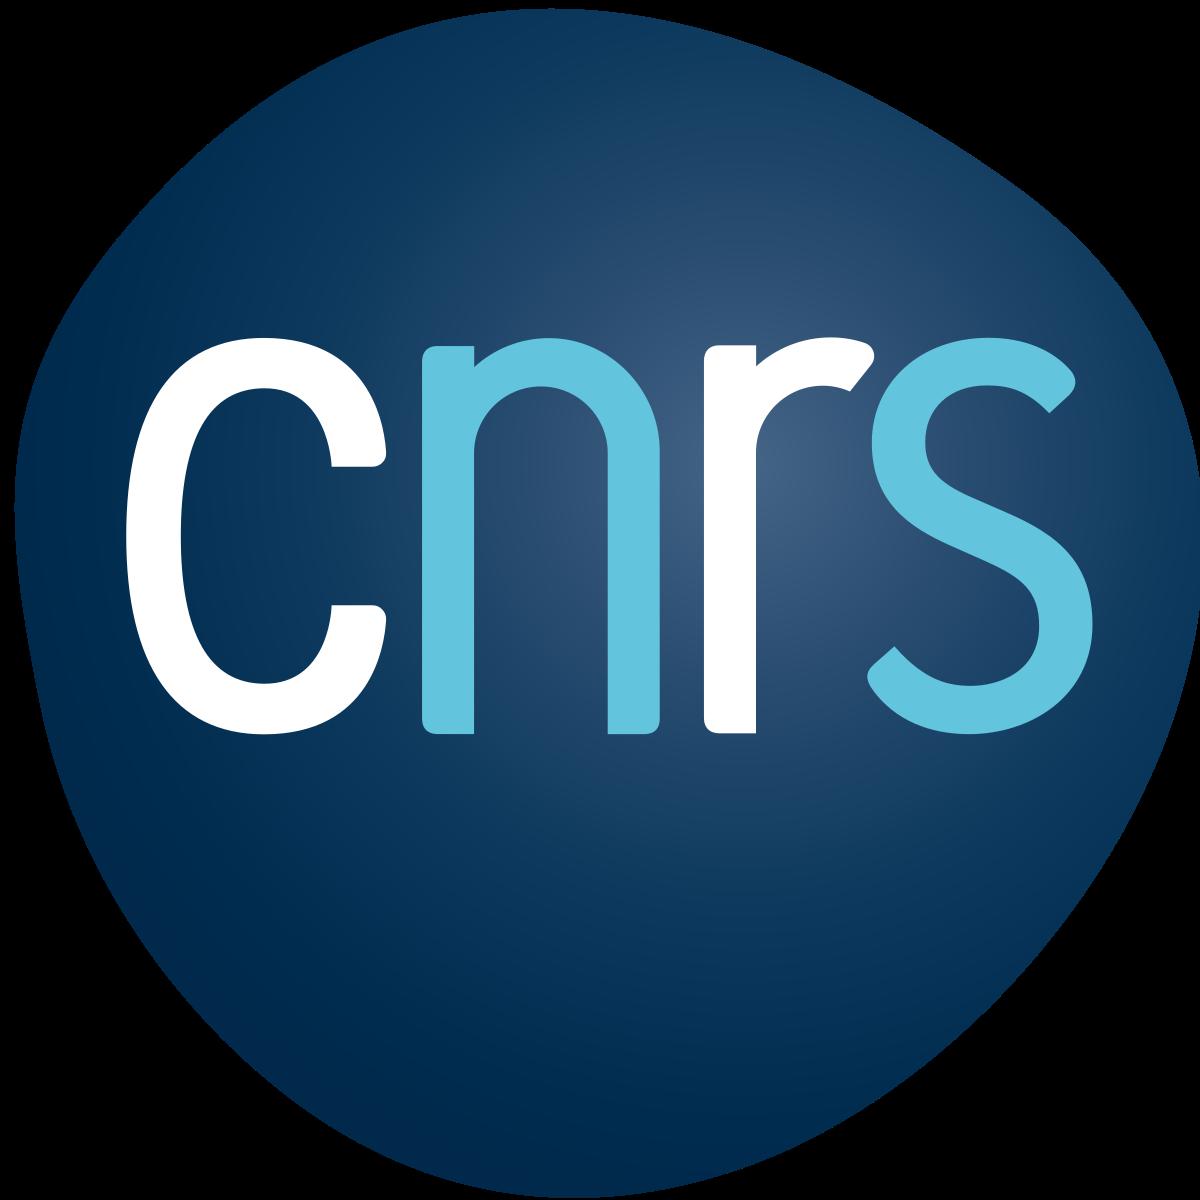 Soutiens d'Hoc Momento, CNRS